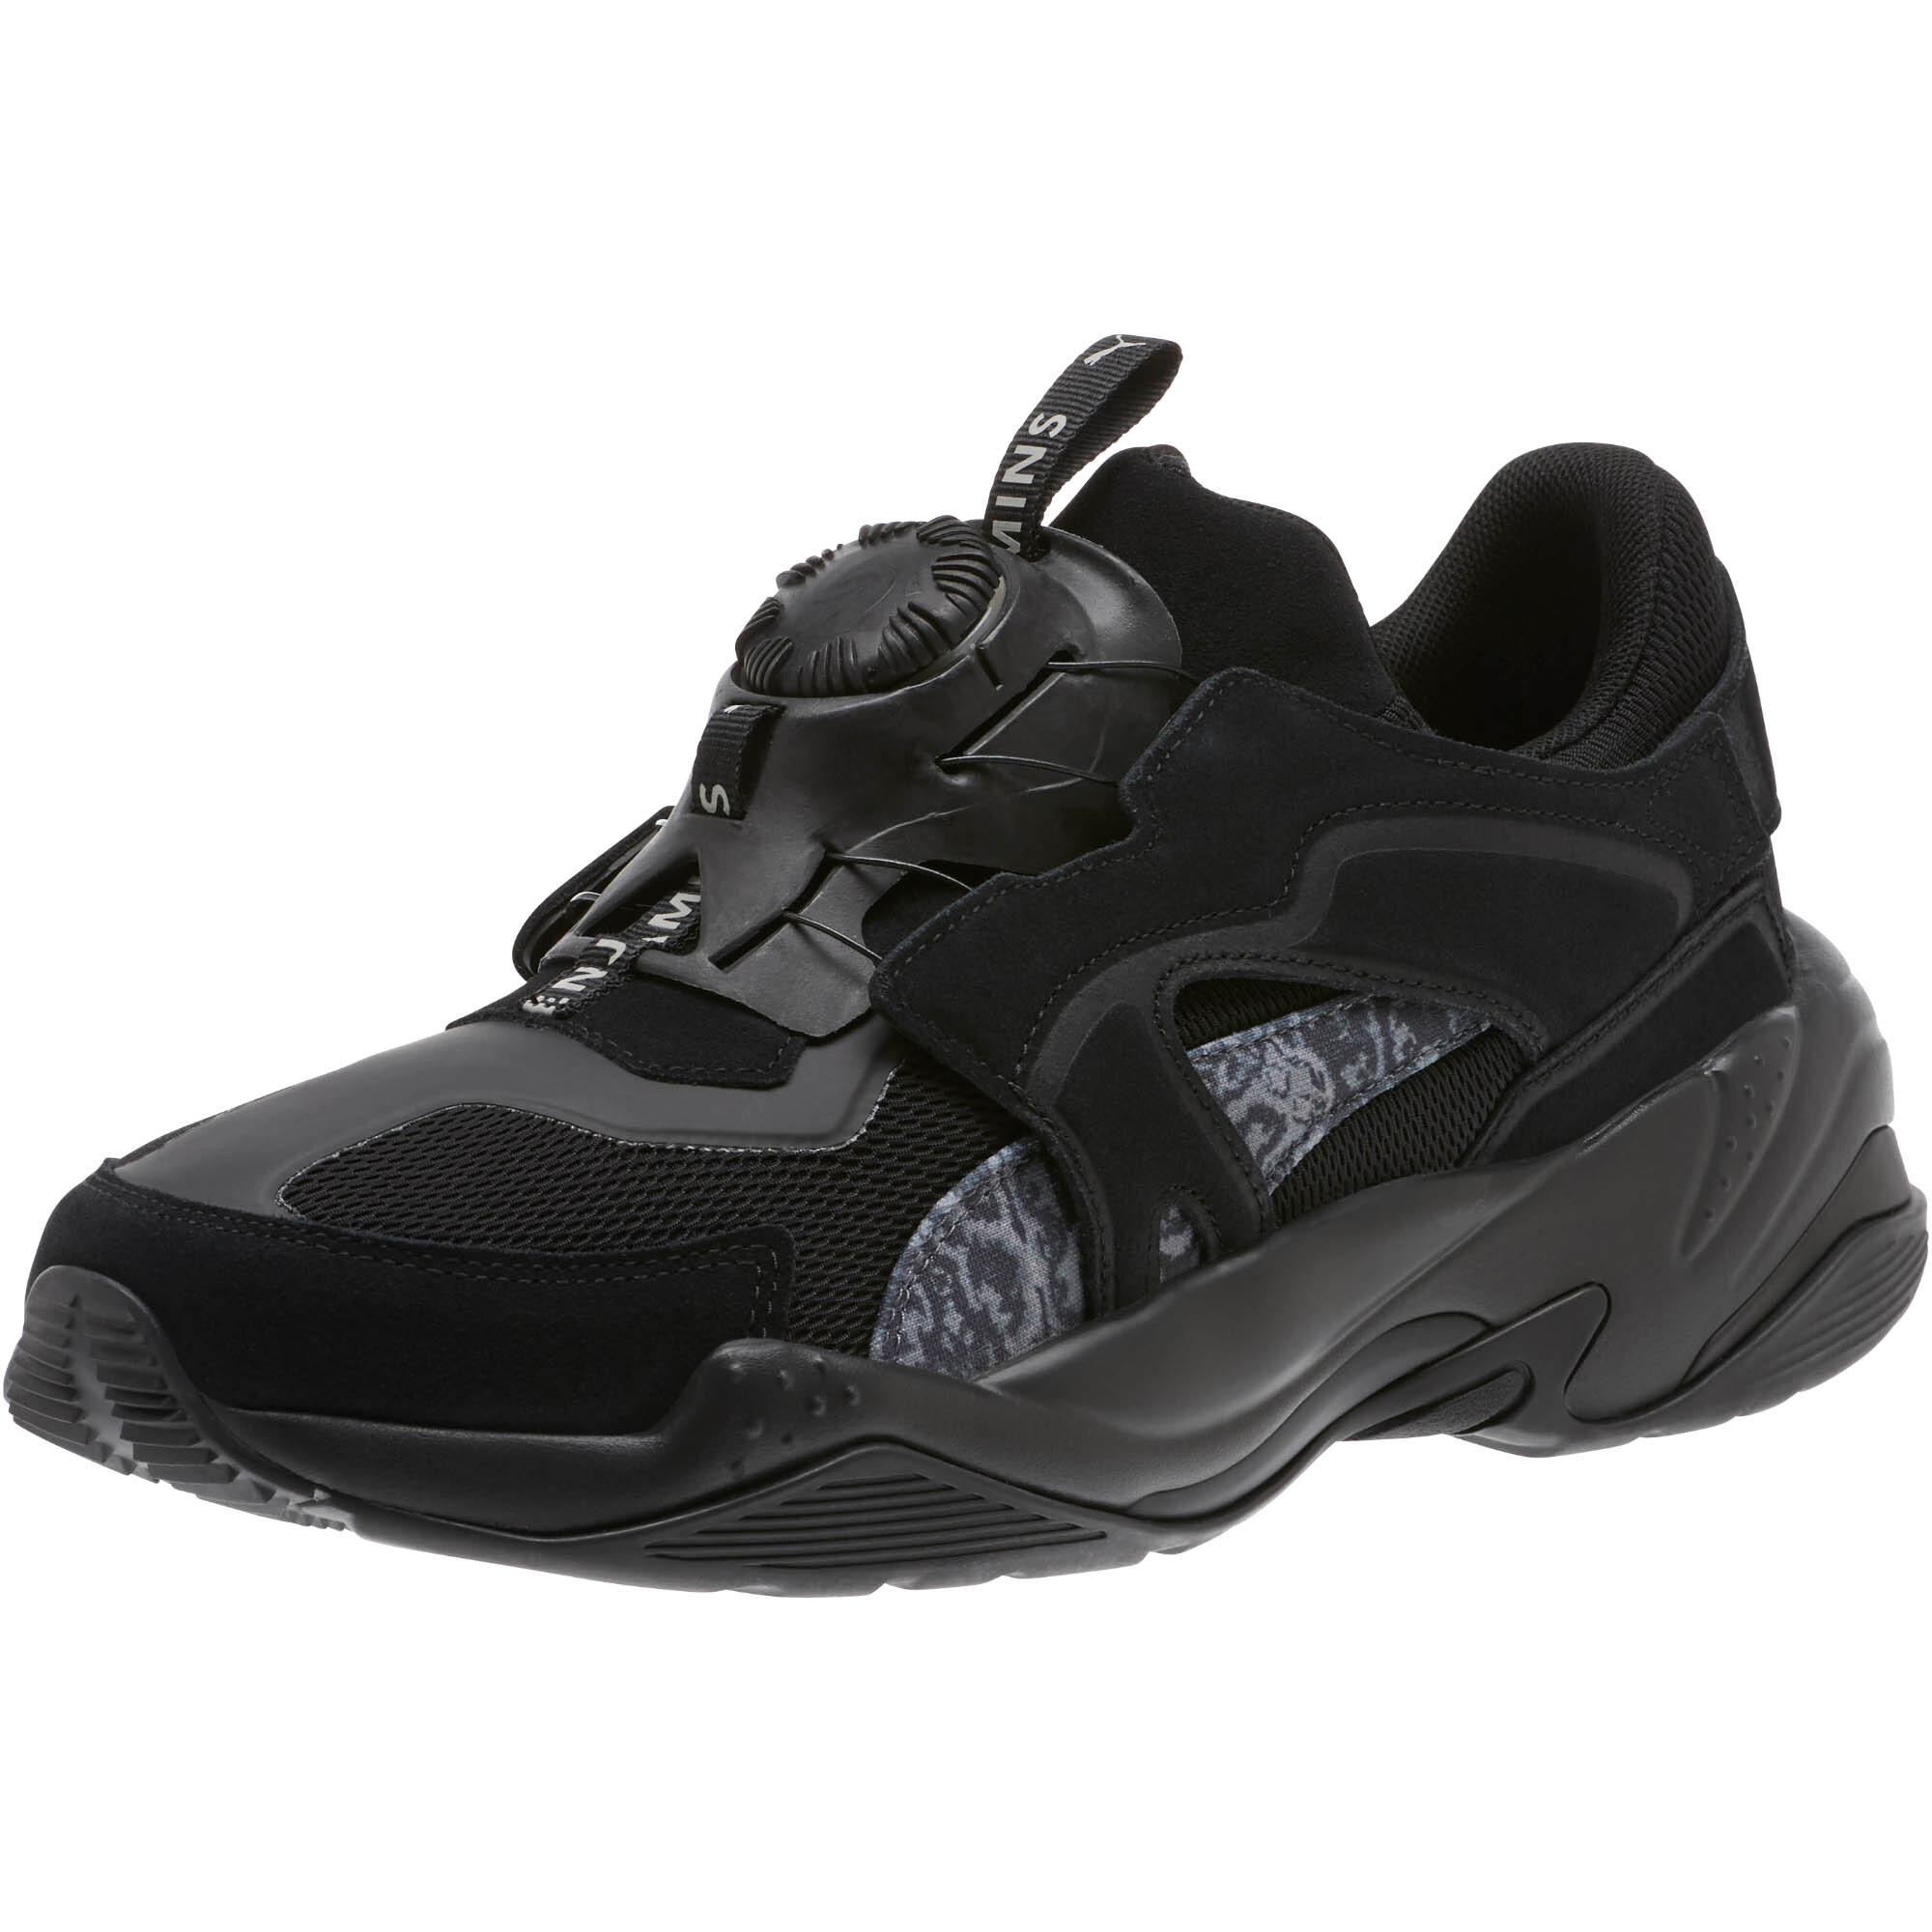 287d2bea5bb PUMA X LES BENJAMINS Thunder Disc Sneakers | 10 - Black | Puma